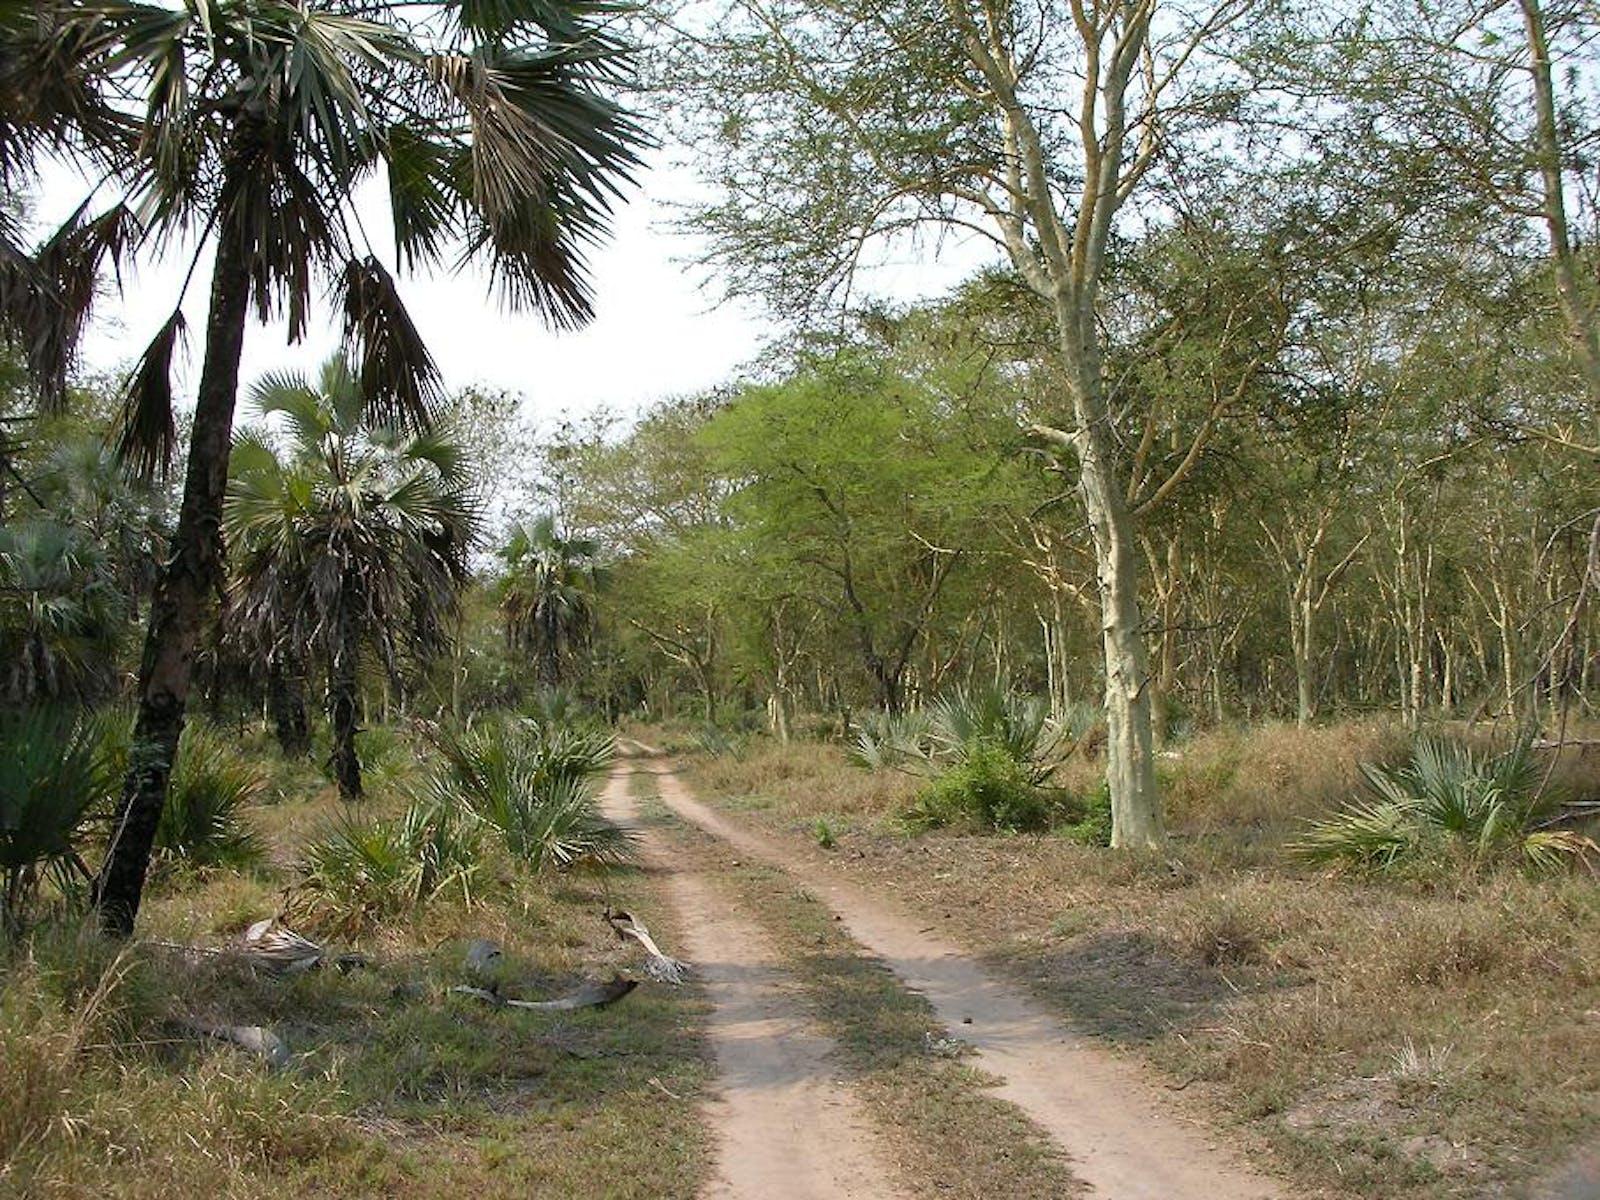 Zambezian-Limpopo Mixed Woodlands